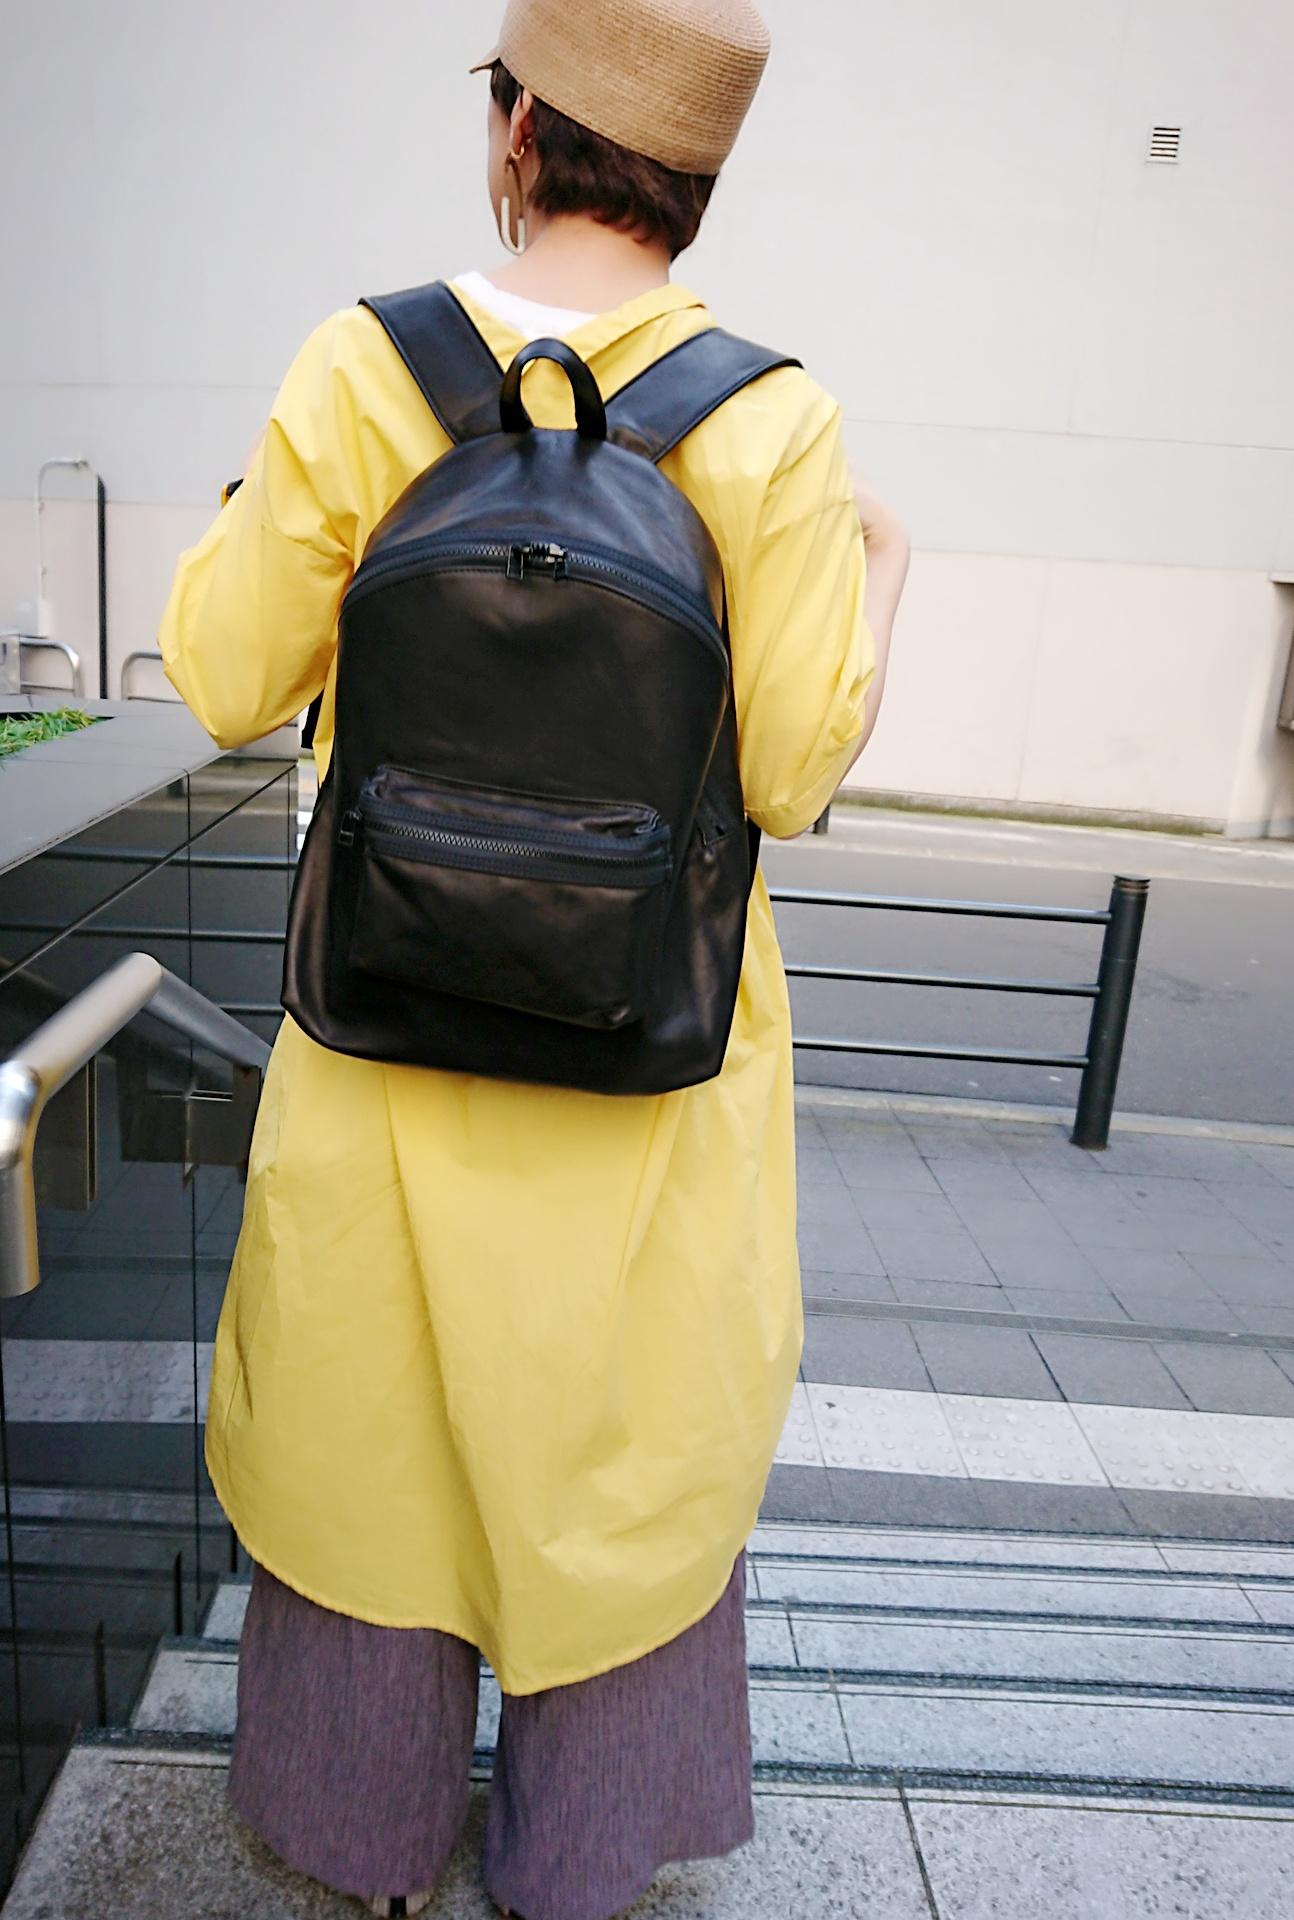 スクラップブック スクラップブック渋谷 スクラップブック渋谷ブログ スクラップブックヒカリエ ScrapBook ScrapBook渋谷 スクラップブックバック スクラップブックアクセサリー スクラップブックポンタタ セレクトショップ 馬革 リュックサック バックパック メンズライク トレンド レザー レザーバック 軽量 丈夫 艶